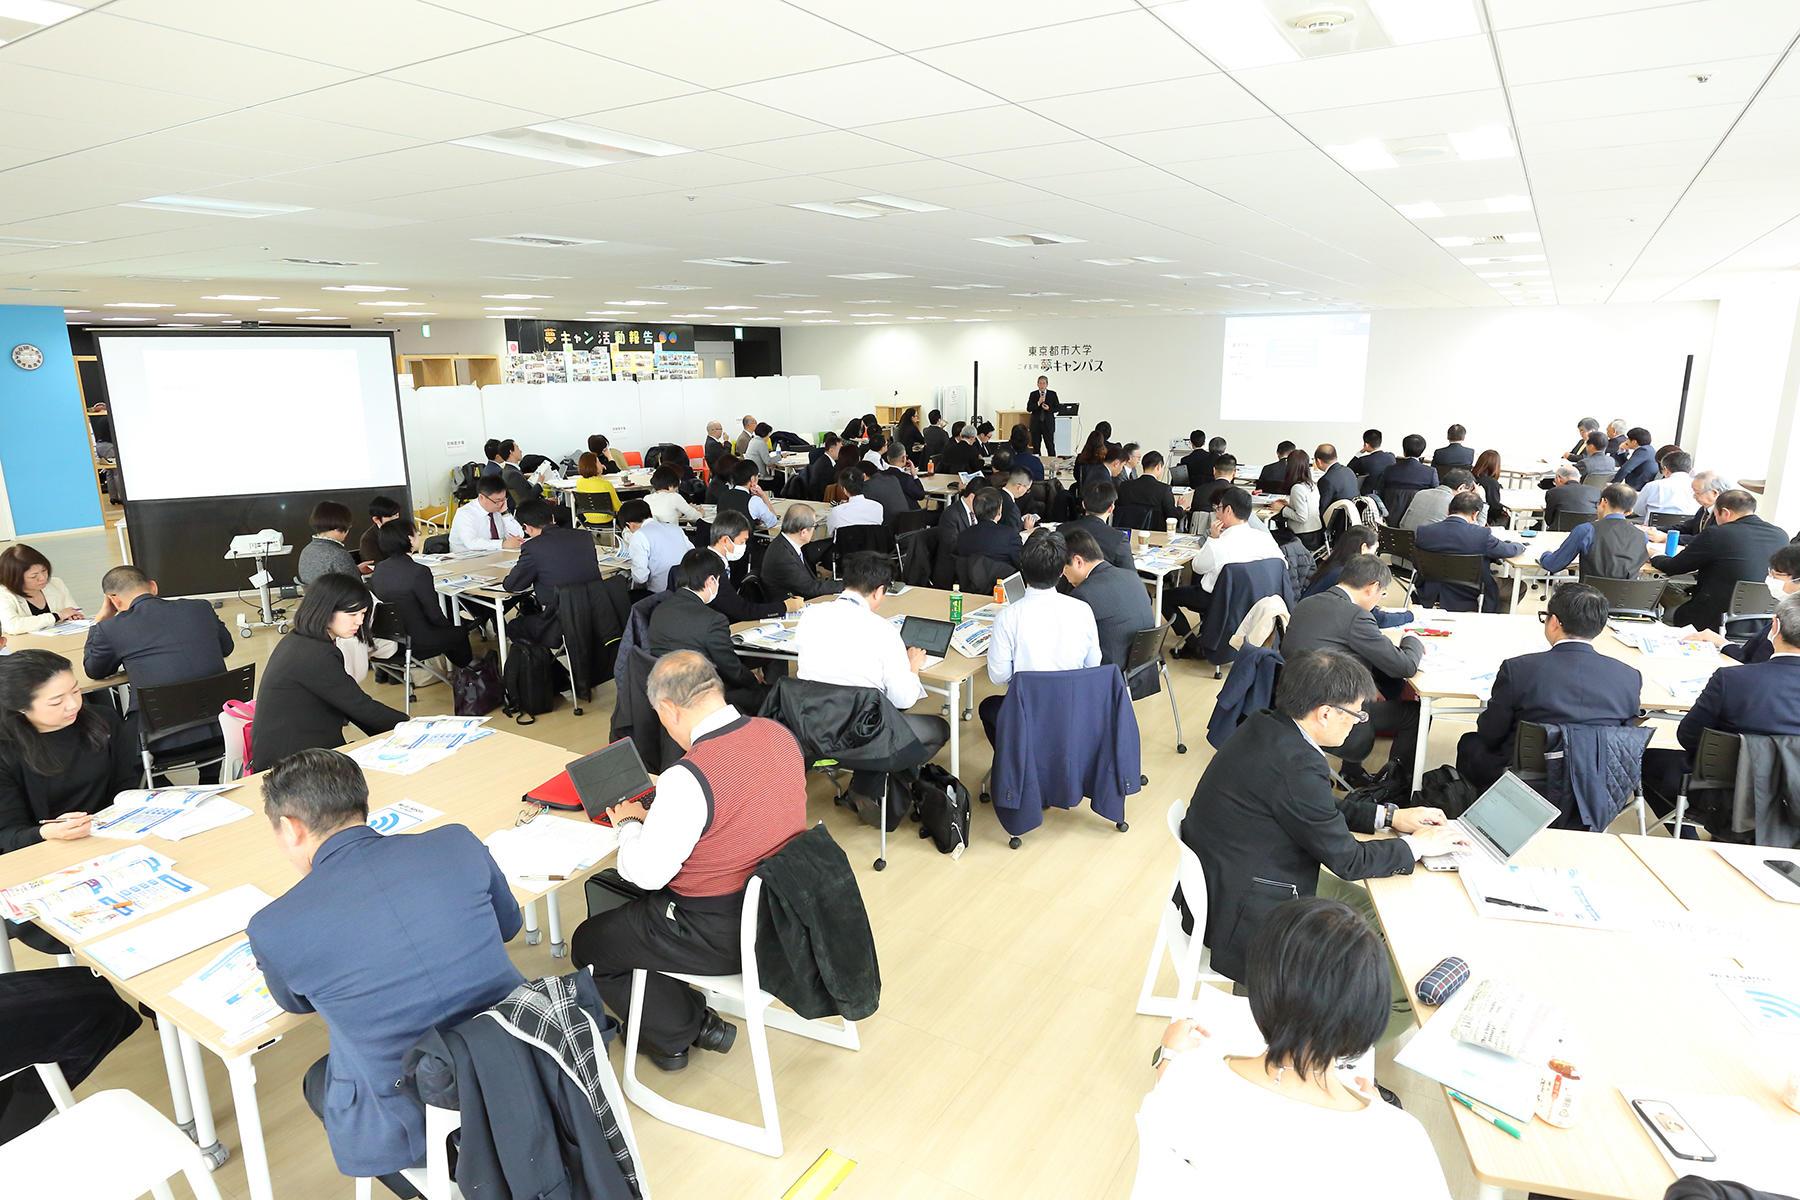 東京都市大学が第3回APシンポジウム「キャリア形成と主体的学修を基盤とした卒業時の質保証」を開催